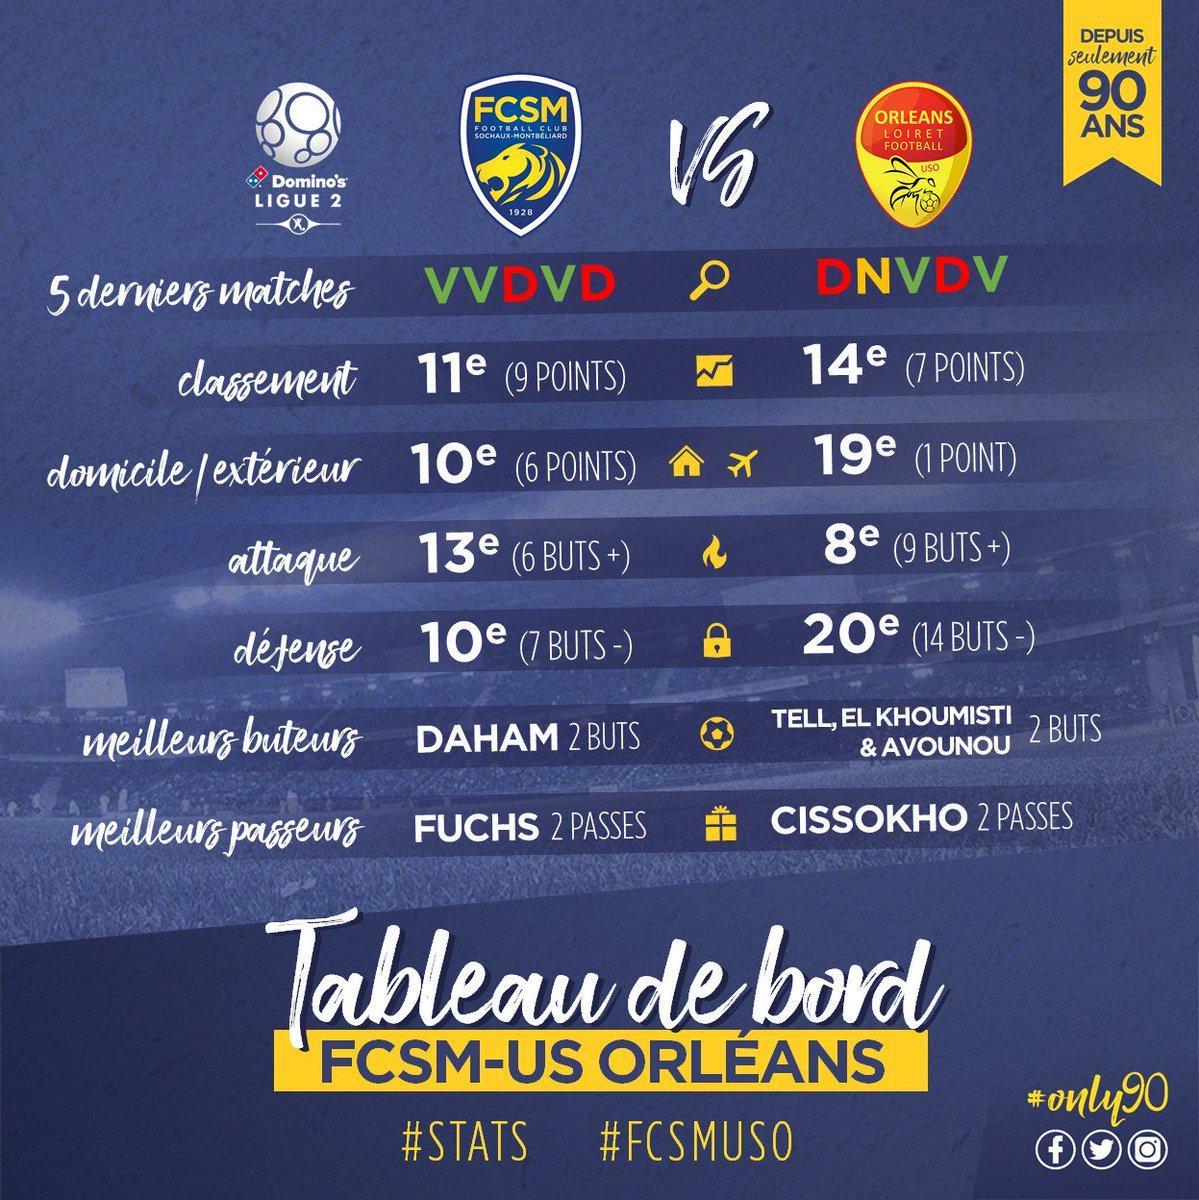 8ème journée   FC Sochaux Montbéliard  -  US Orléans  (0-1) Dnd4BVGX4AAkx5w